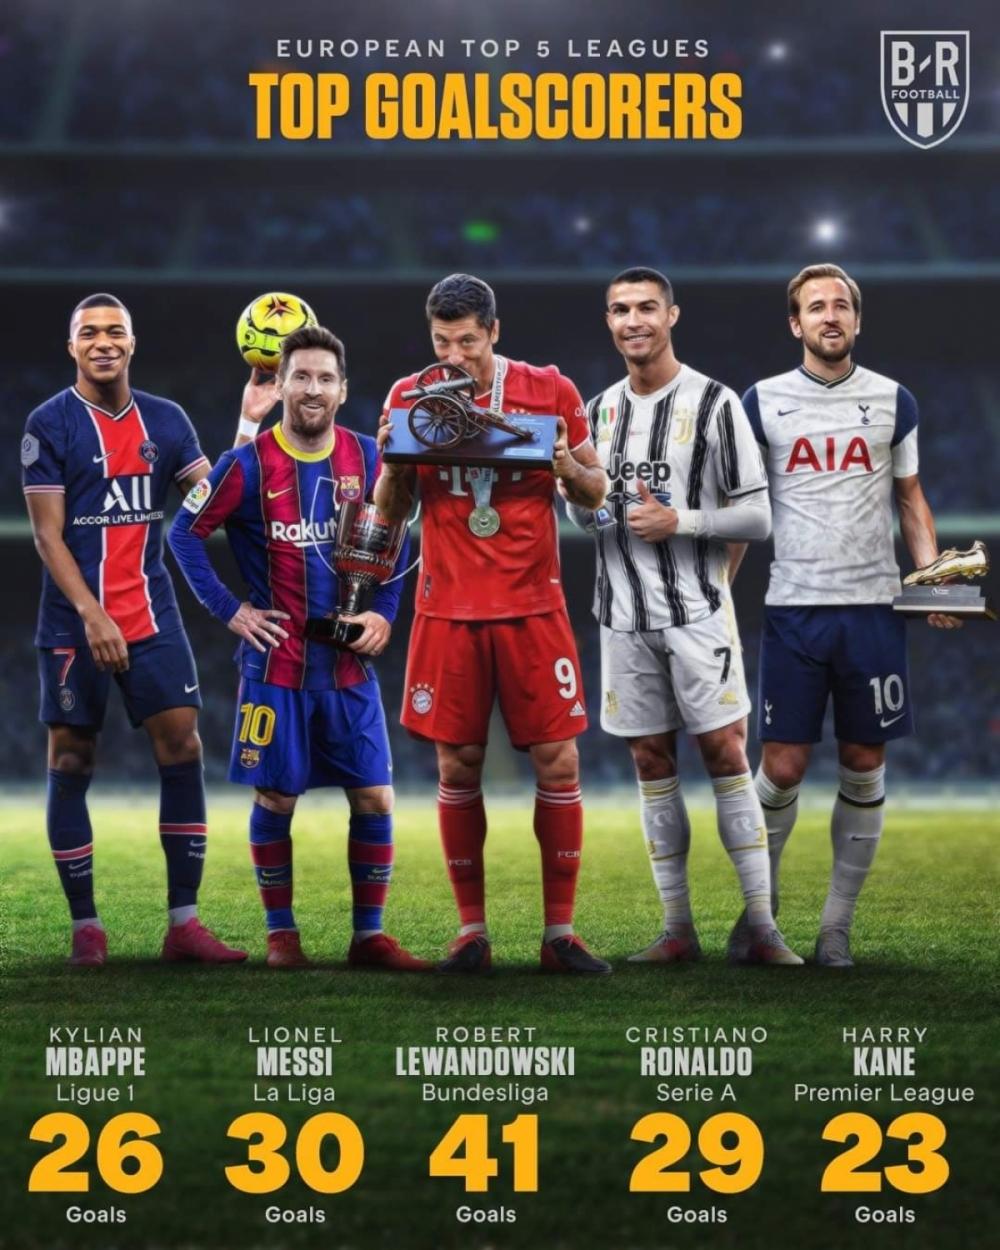 Điểm danh 5 cầu thủ nhận giải vua phá lưới ở 5 giải đấu hàng đầu châu Âu mùa giải 2020/2021